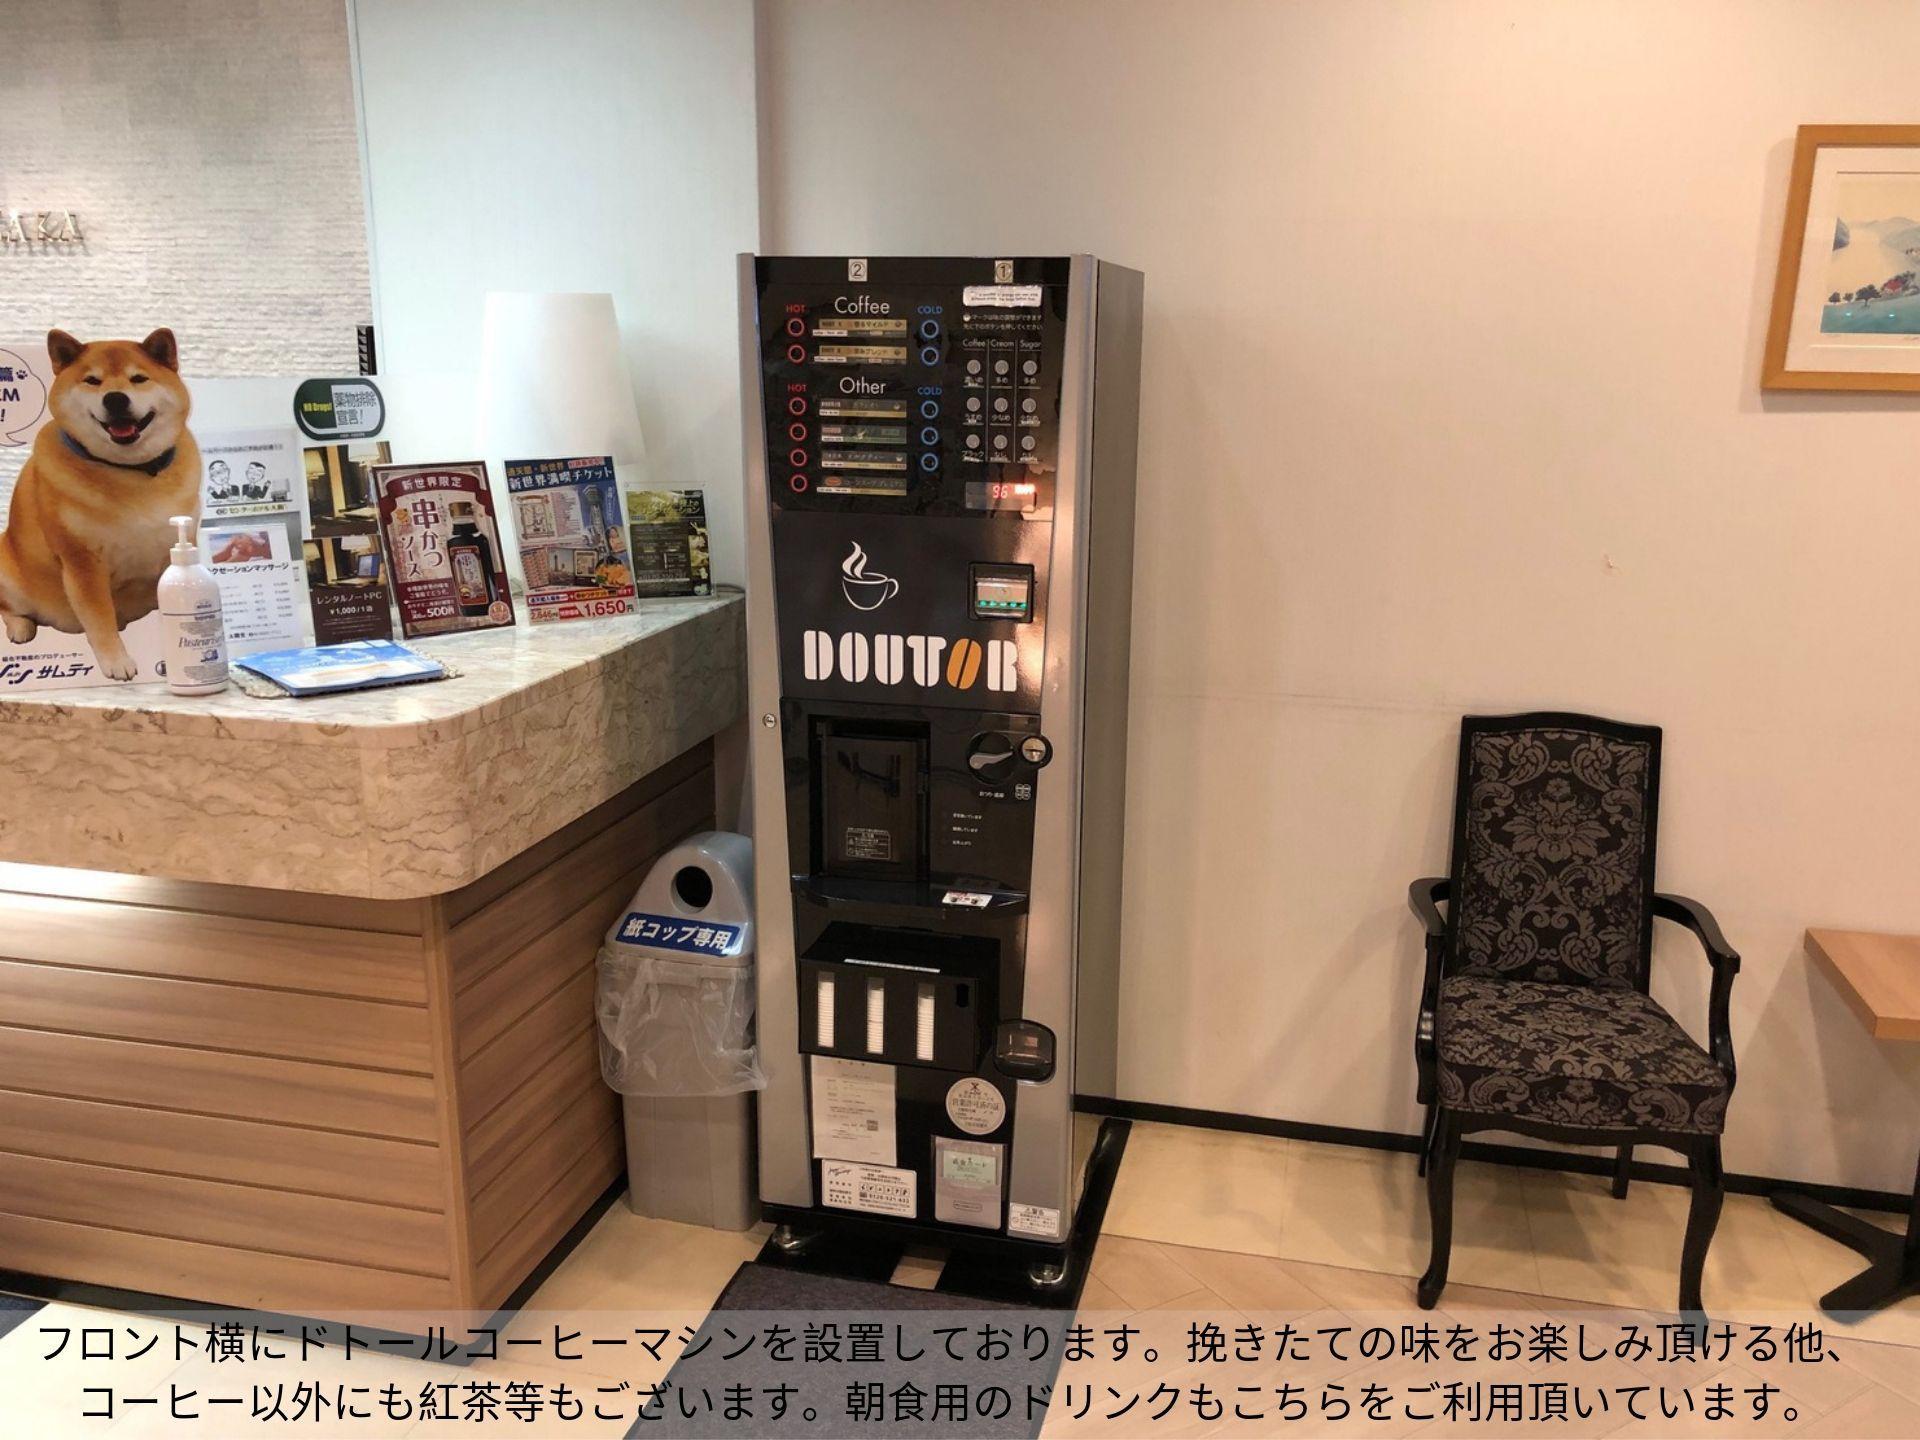 ドトールコーヒー販売機